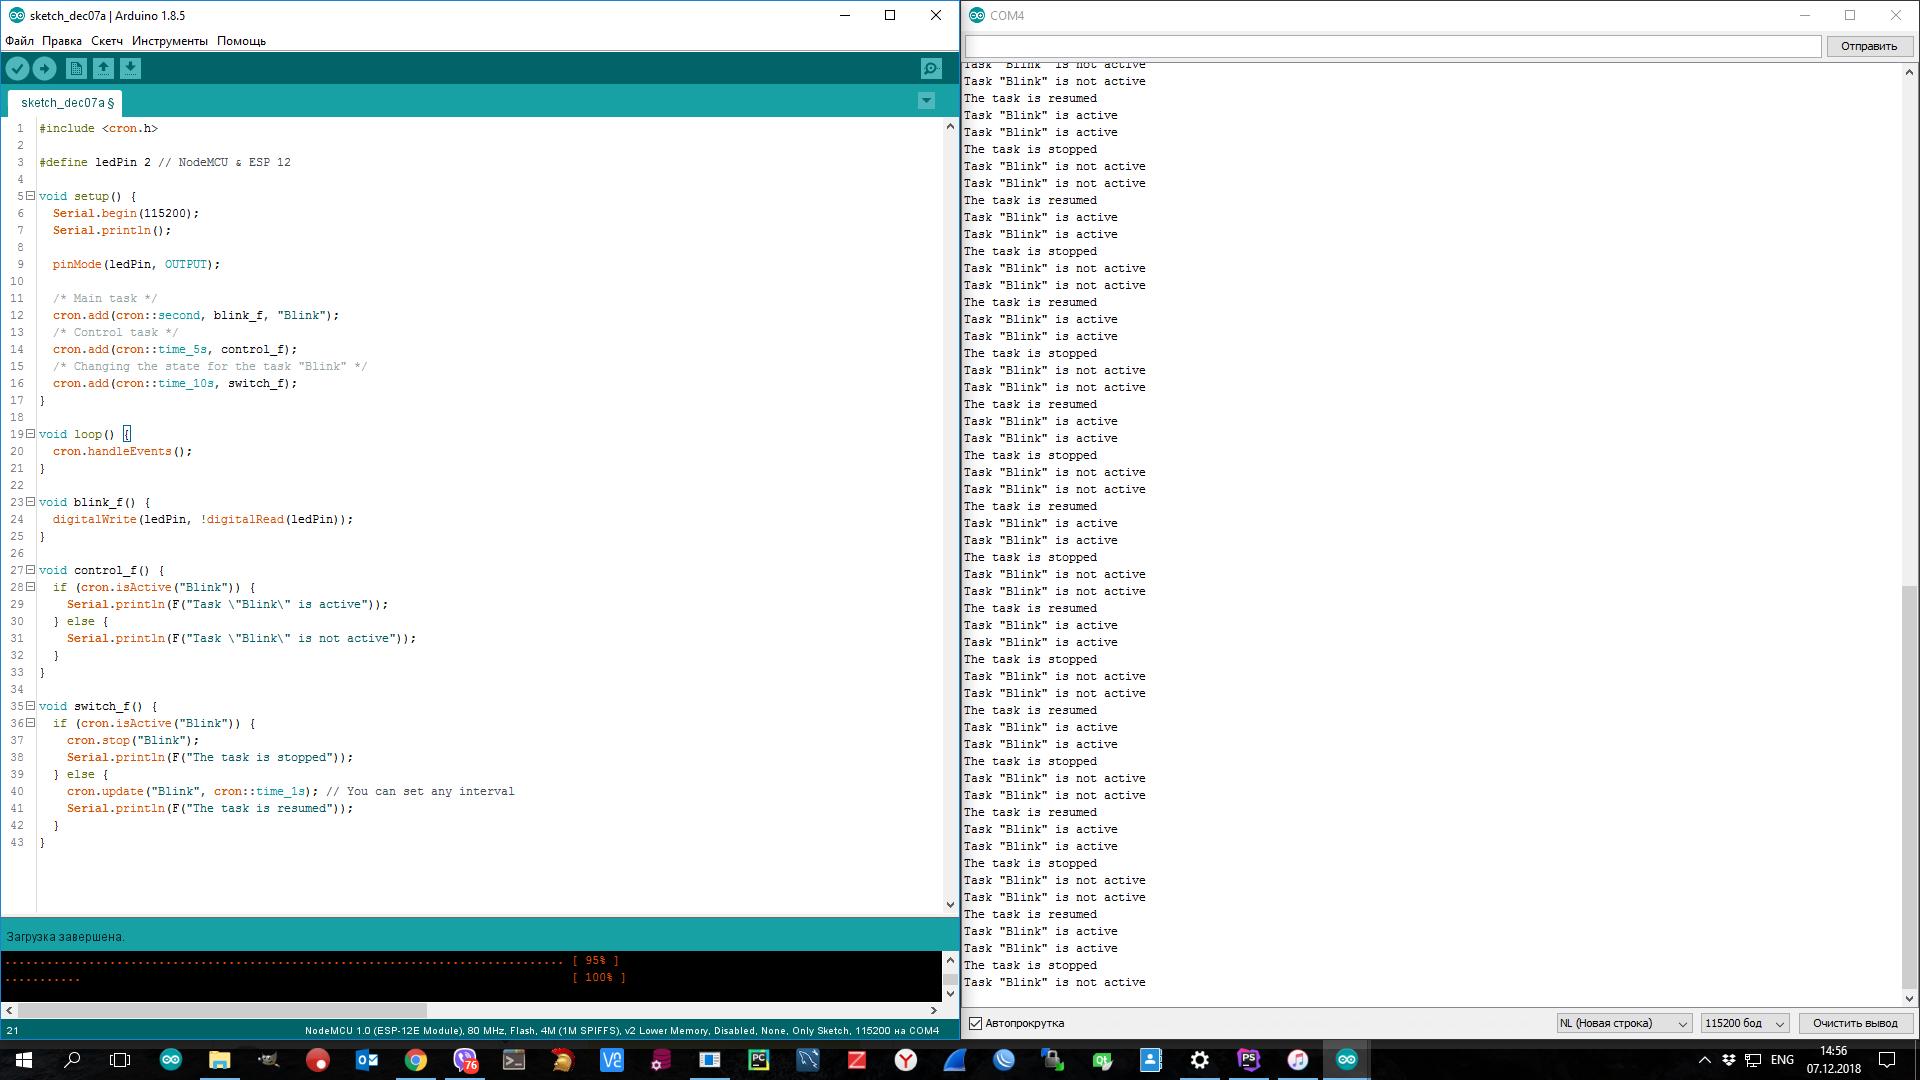 [esp8266] Библиотека Cron, реализует планировщик задач для периодического выполнения пользовательских функций.